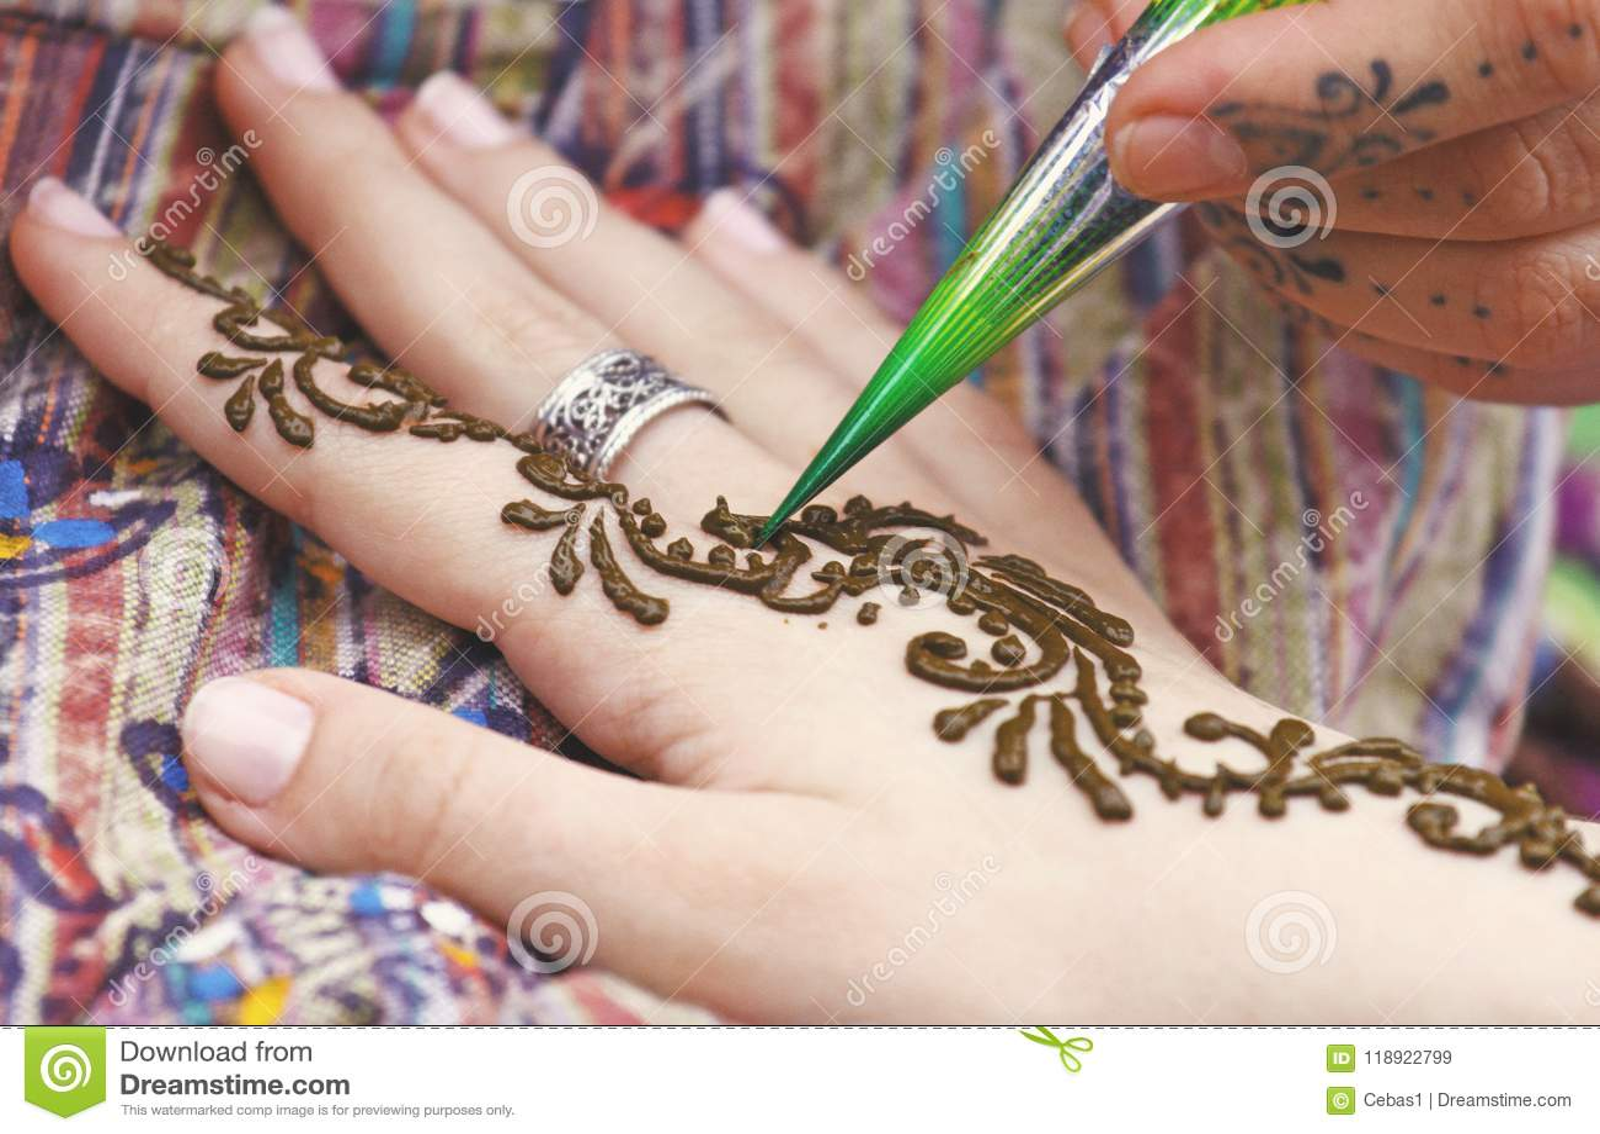 Artiste Peignant Le Tatouage Indien Traditionnel De Henne Sur La